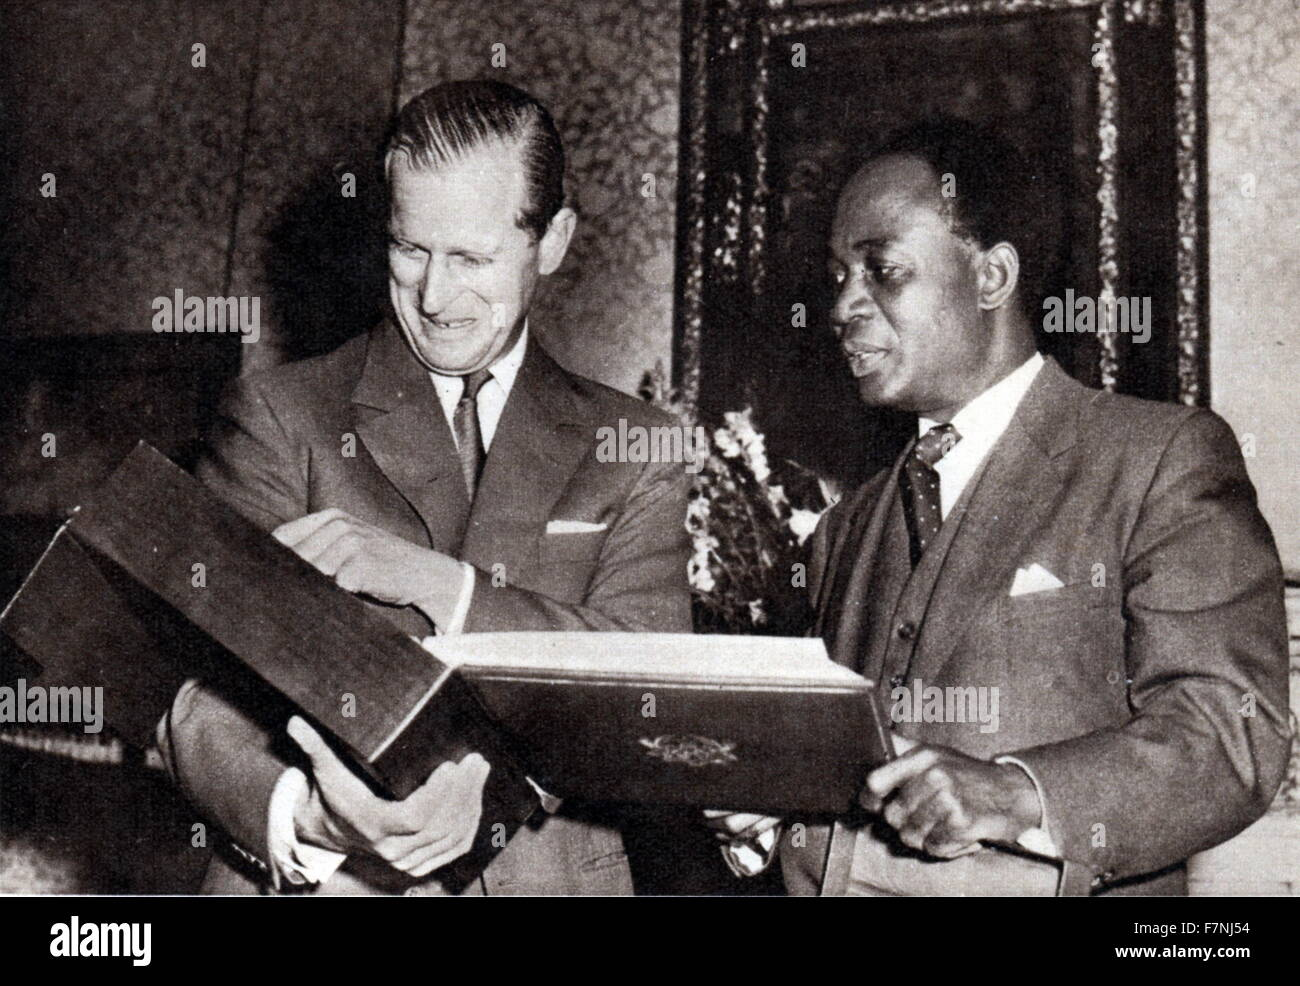 Prince Phillip (Duke of Edinburgh) with President Kwame Nkrumah of Ghana in London 1960 - Stock Image